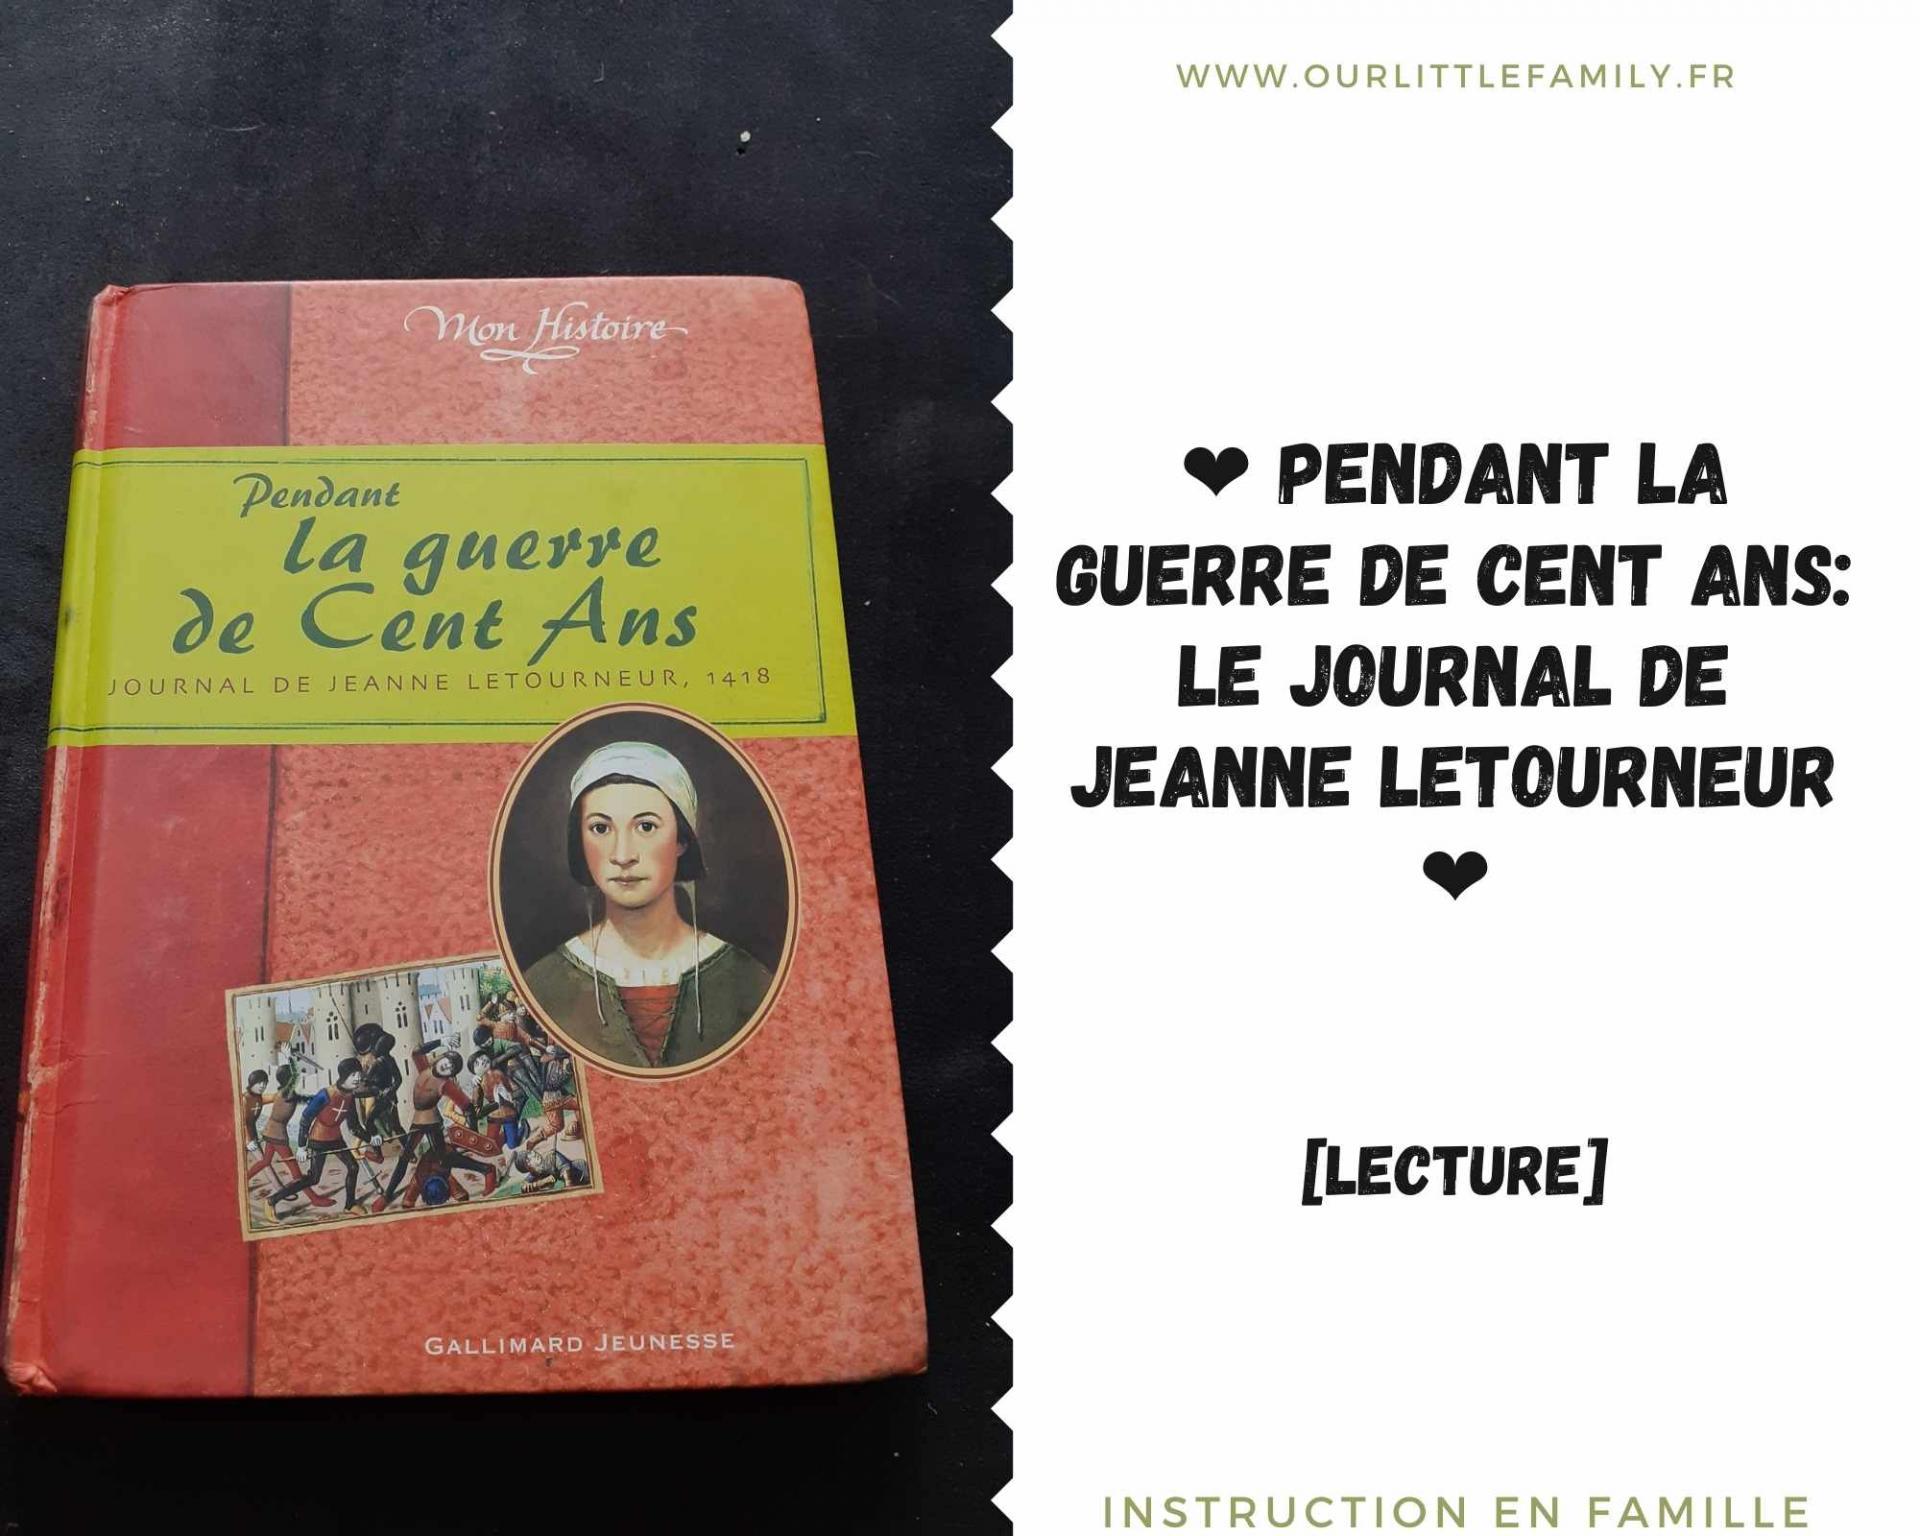 Dans cet article, je vous parle du livre Pendant la guerre de cent ans: le journal de Jeanne Letourneur.